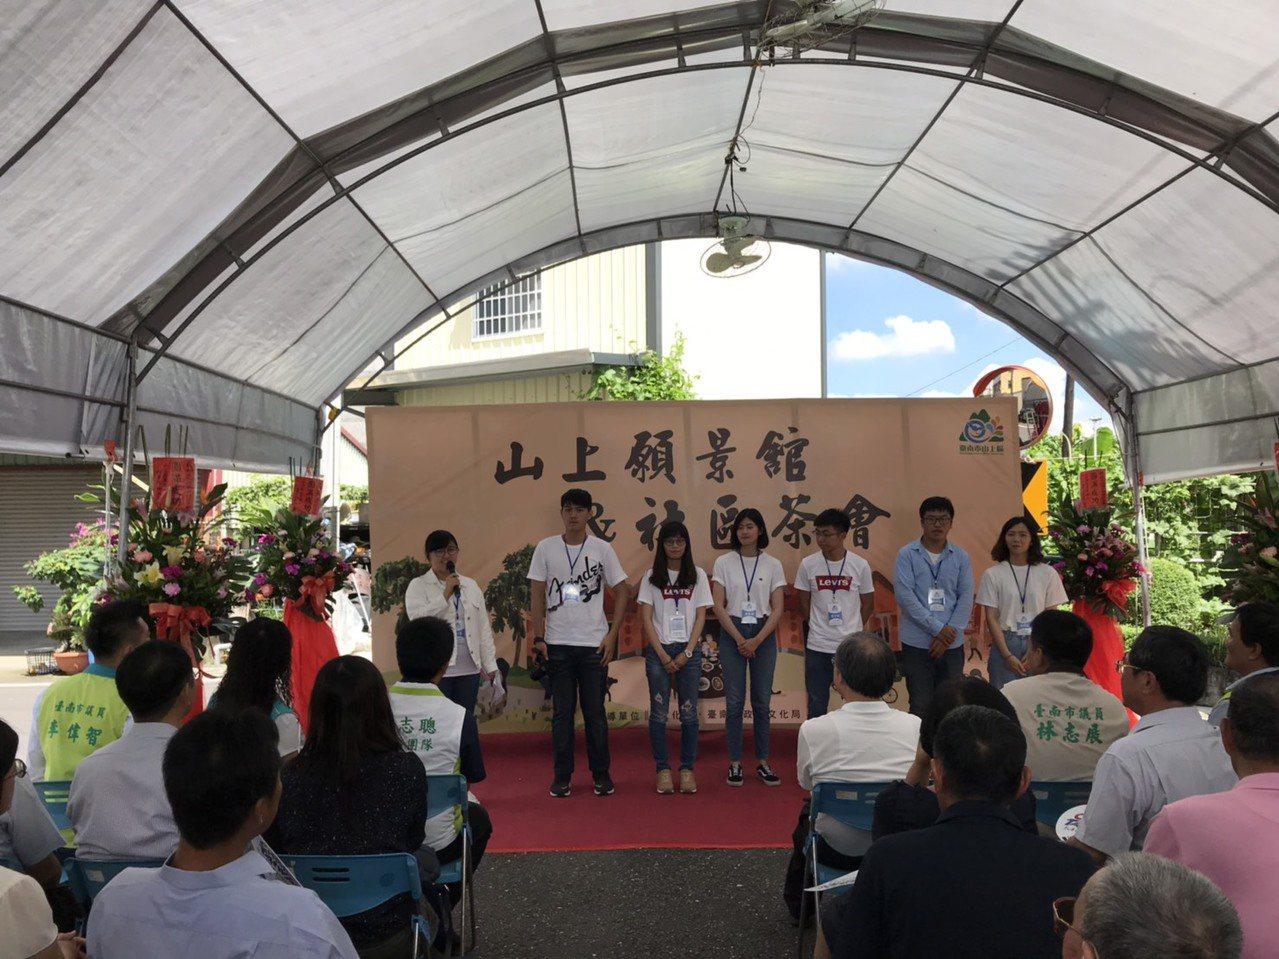 山上願景館在8名學子的專業與當地人士努力下開幕,運用當地的木瓜做出社區特色。圖/...